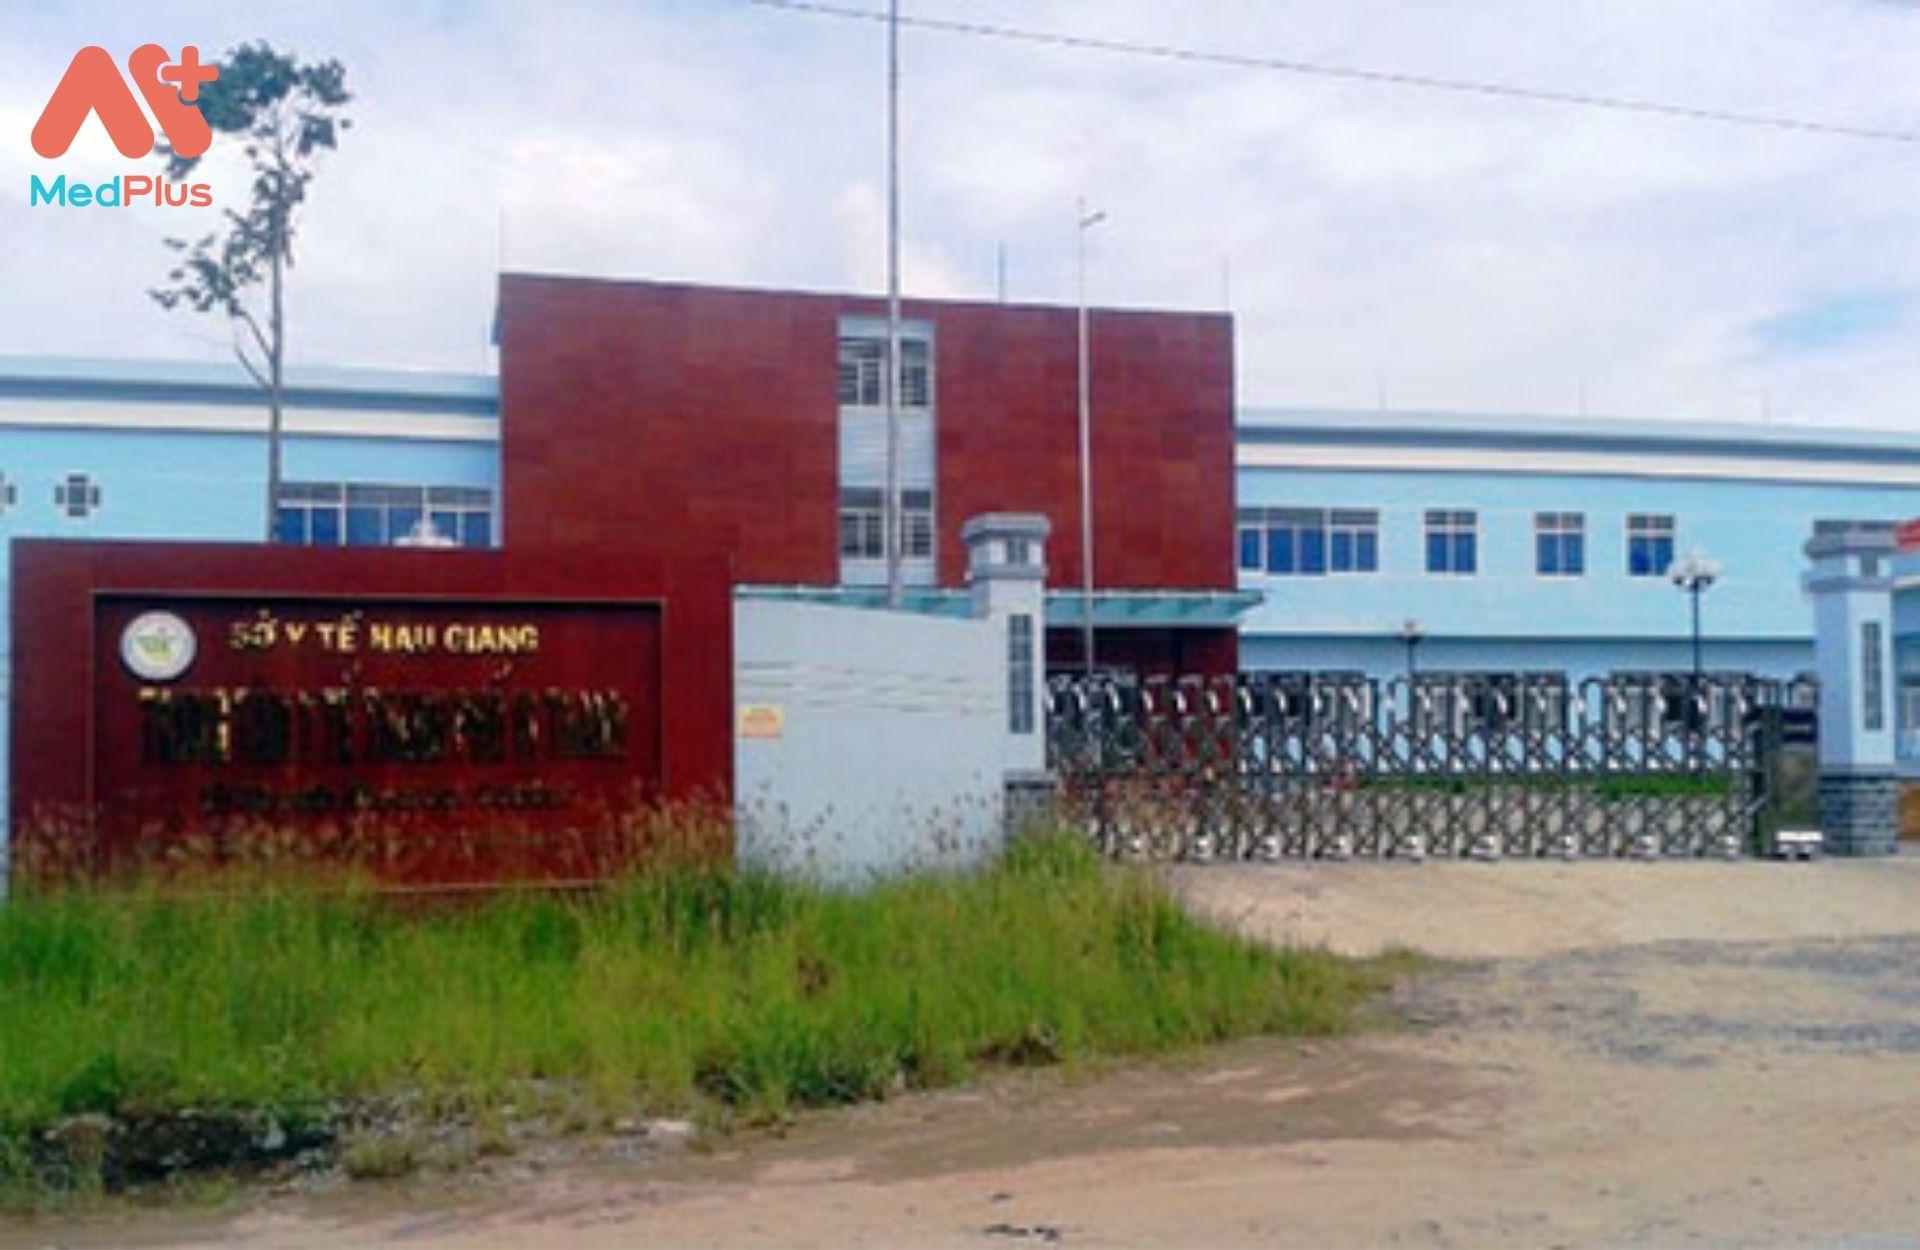 Trung tâm y tế thành phố Vị Thanh